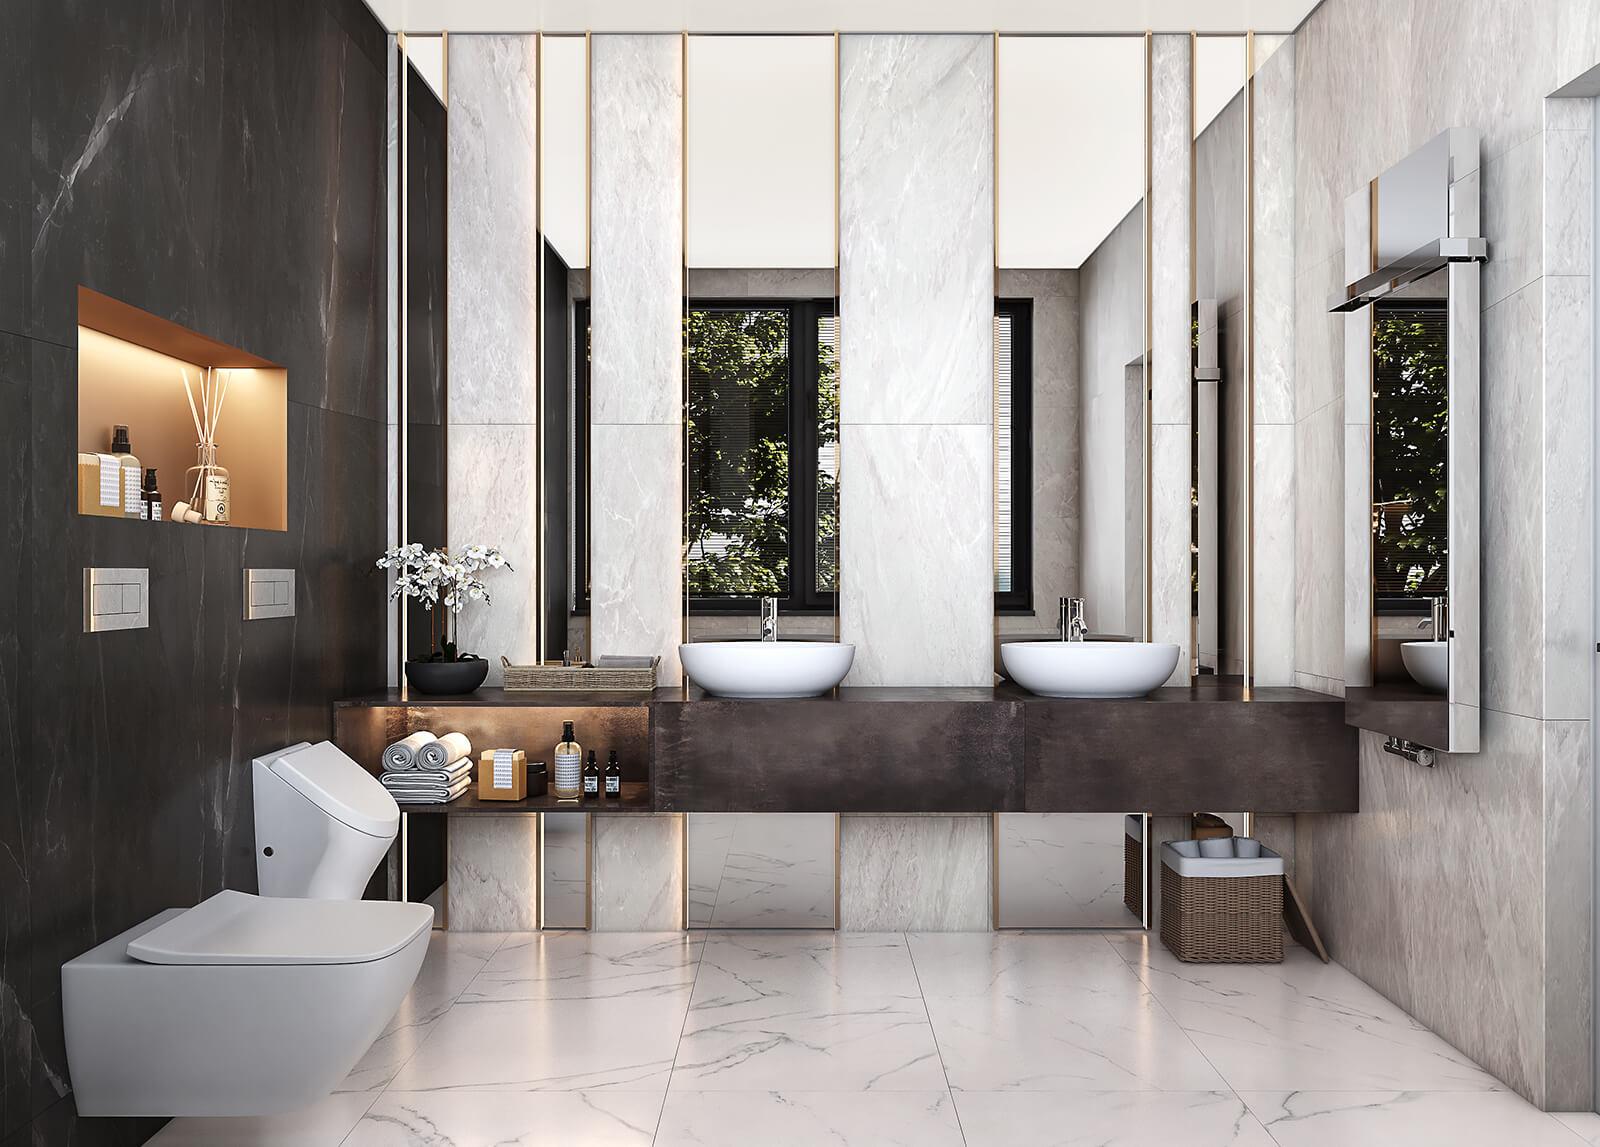 interioren-dizain-proekt-na-luksozna-kashta-banya